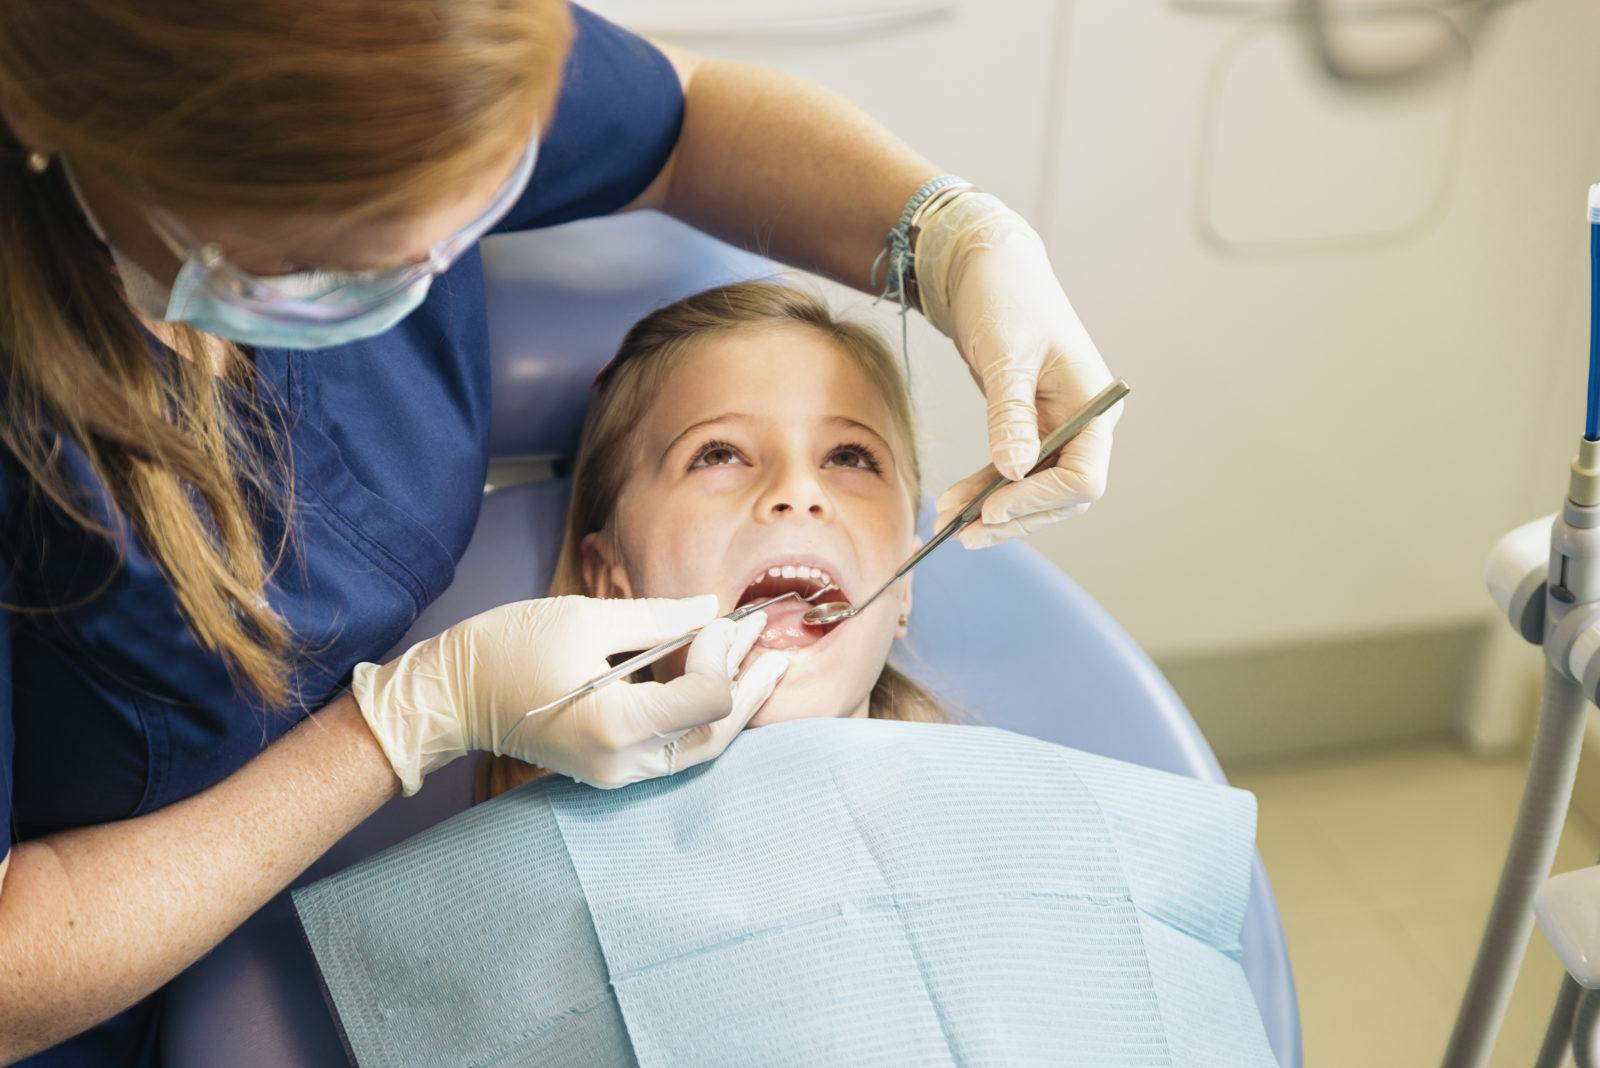 Todo lo que debes saber sobre la ortodoncia infantil